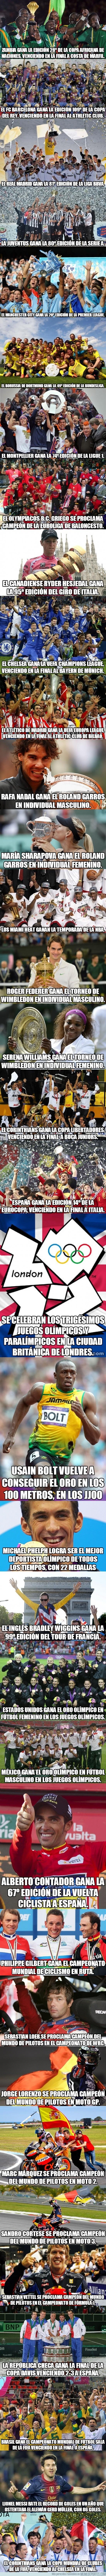 56278 - Acontecimientos deportivos más importantes en el año 2012